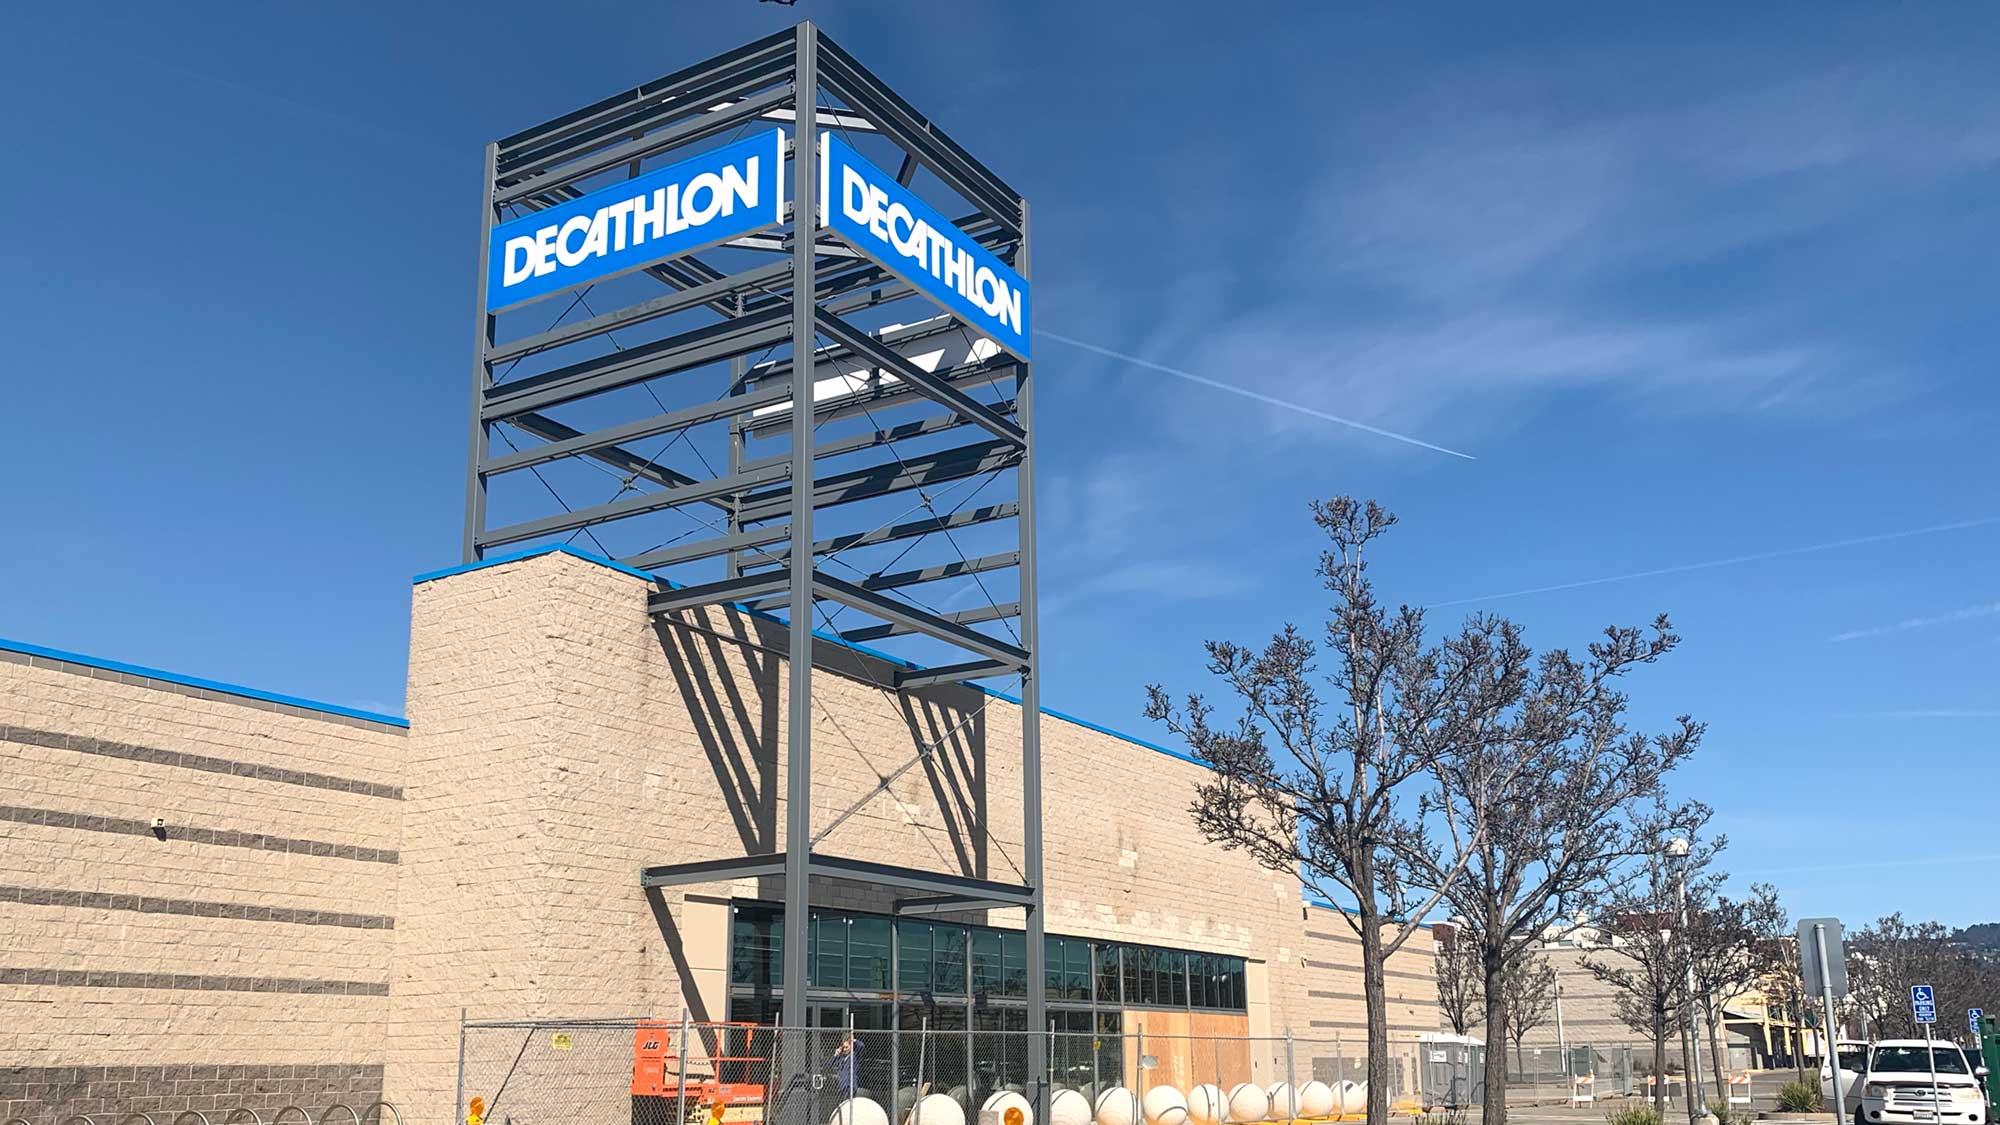 4170cbf1240 Decathlon Sets Grand Opening Date for 'Flagship' Emeryville Sporting Goods  Store - The E'ville Eye Community News